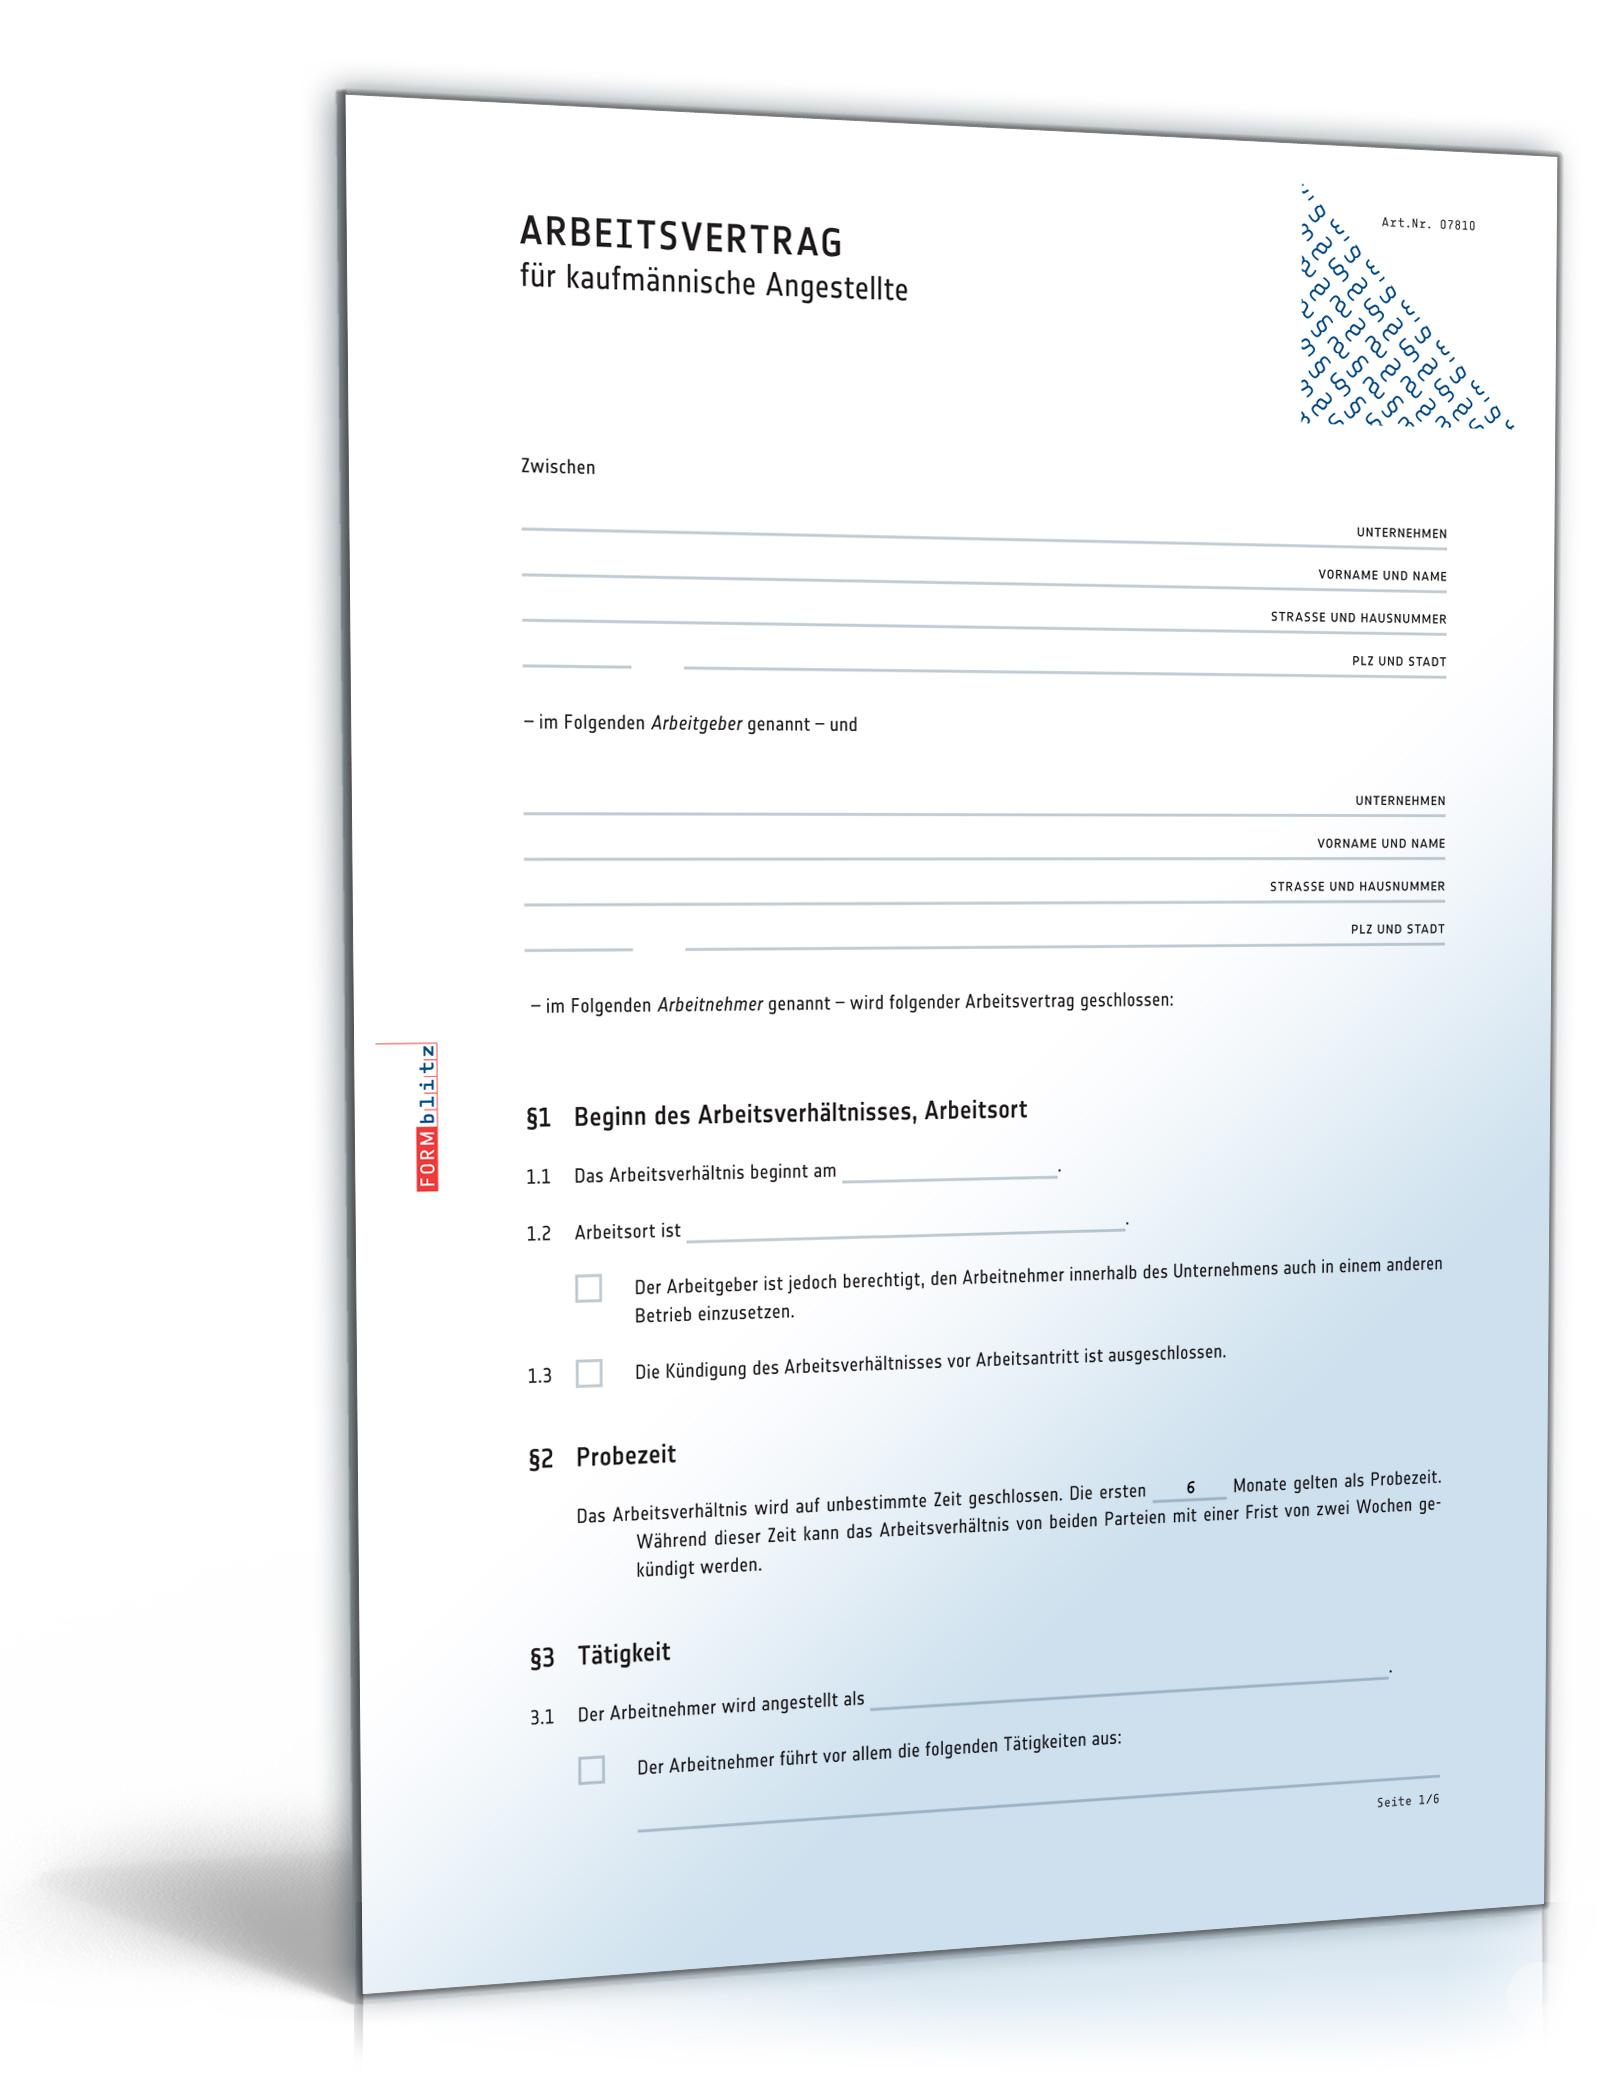 Arbeitsvertrag Kaufmännische Angestellte Pdf Download Download